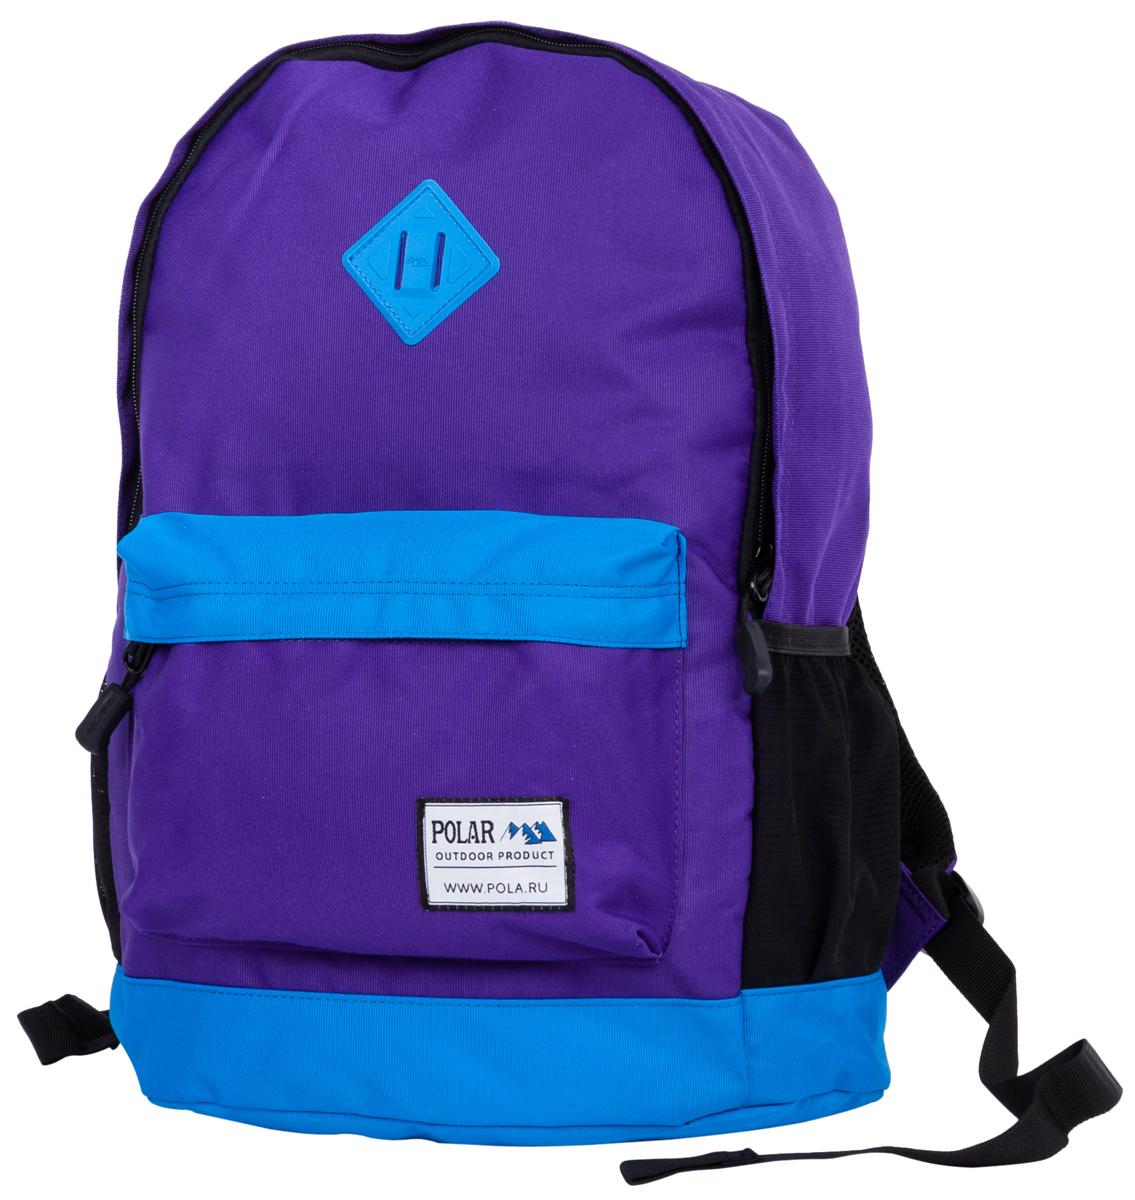 Рюкзак городской Polar, цвет: фиолетово-синий. 22,5л. 15008